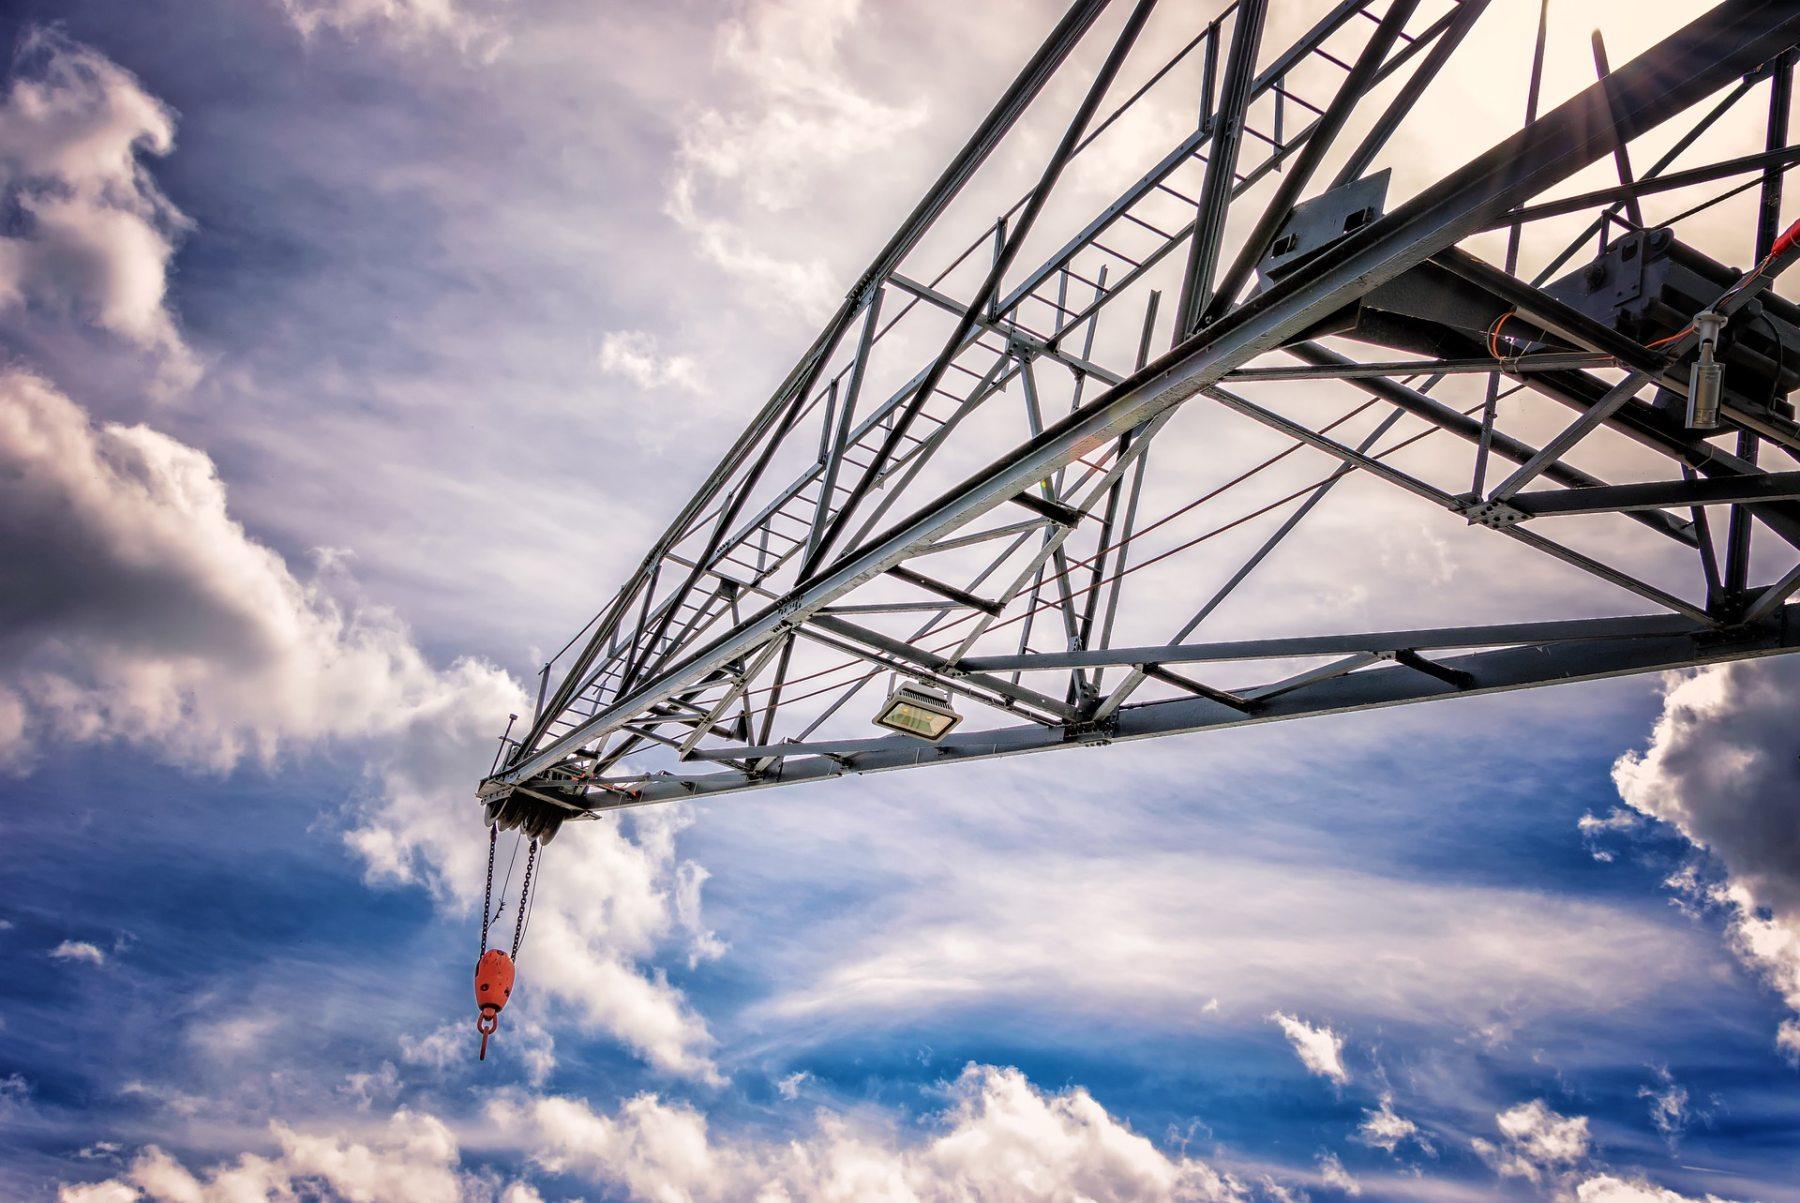 crane-2634254_1920